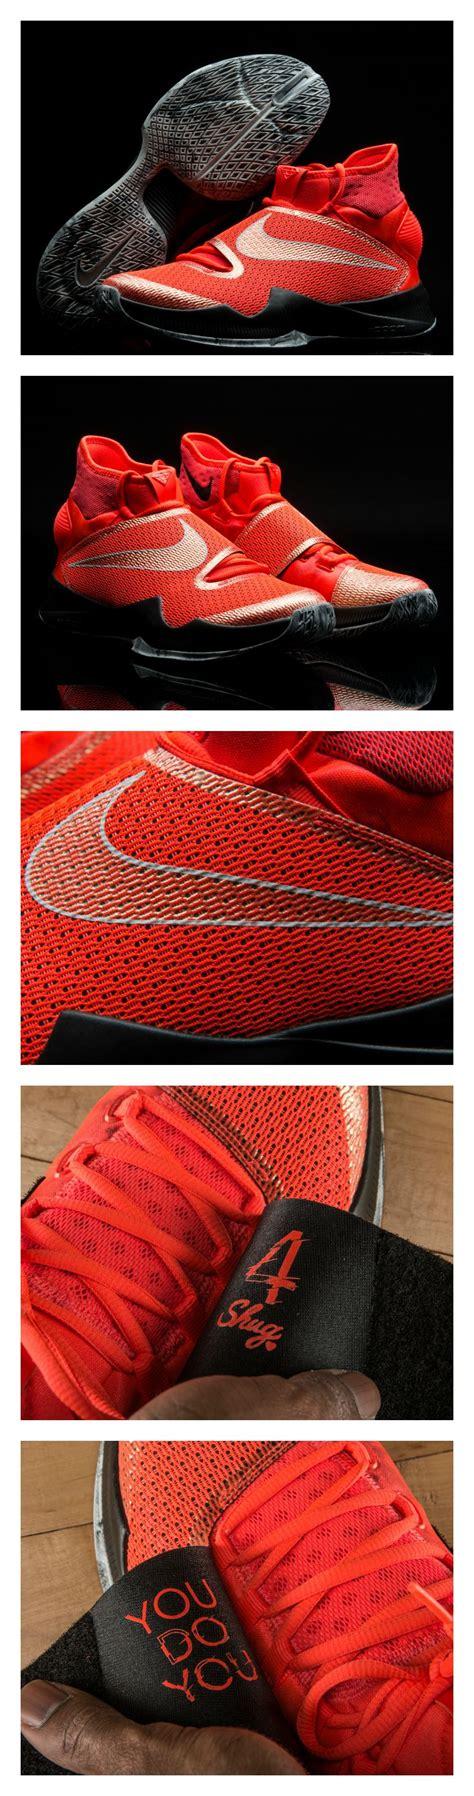 skylar diggins basketball shoes 31 best images about skylar diggins on big day